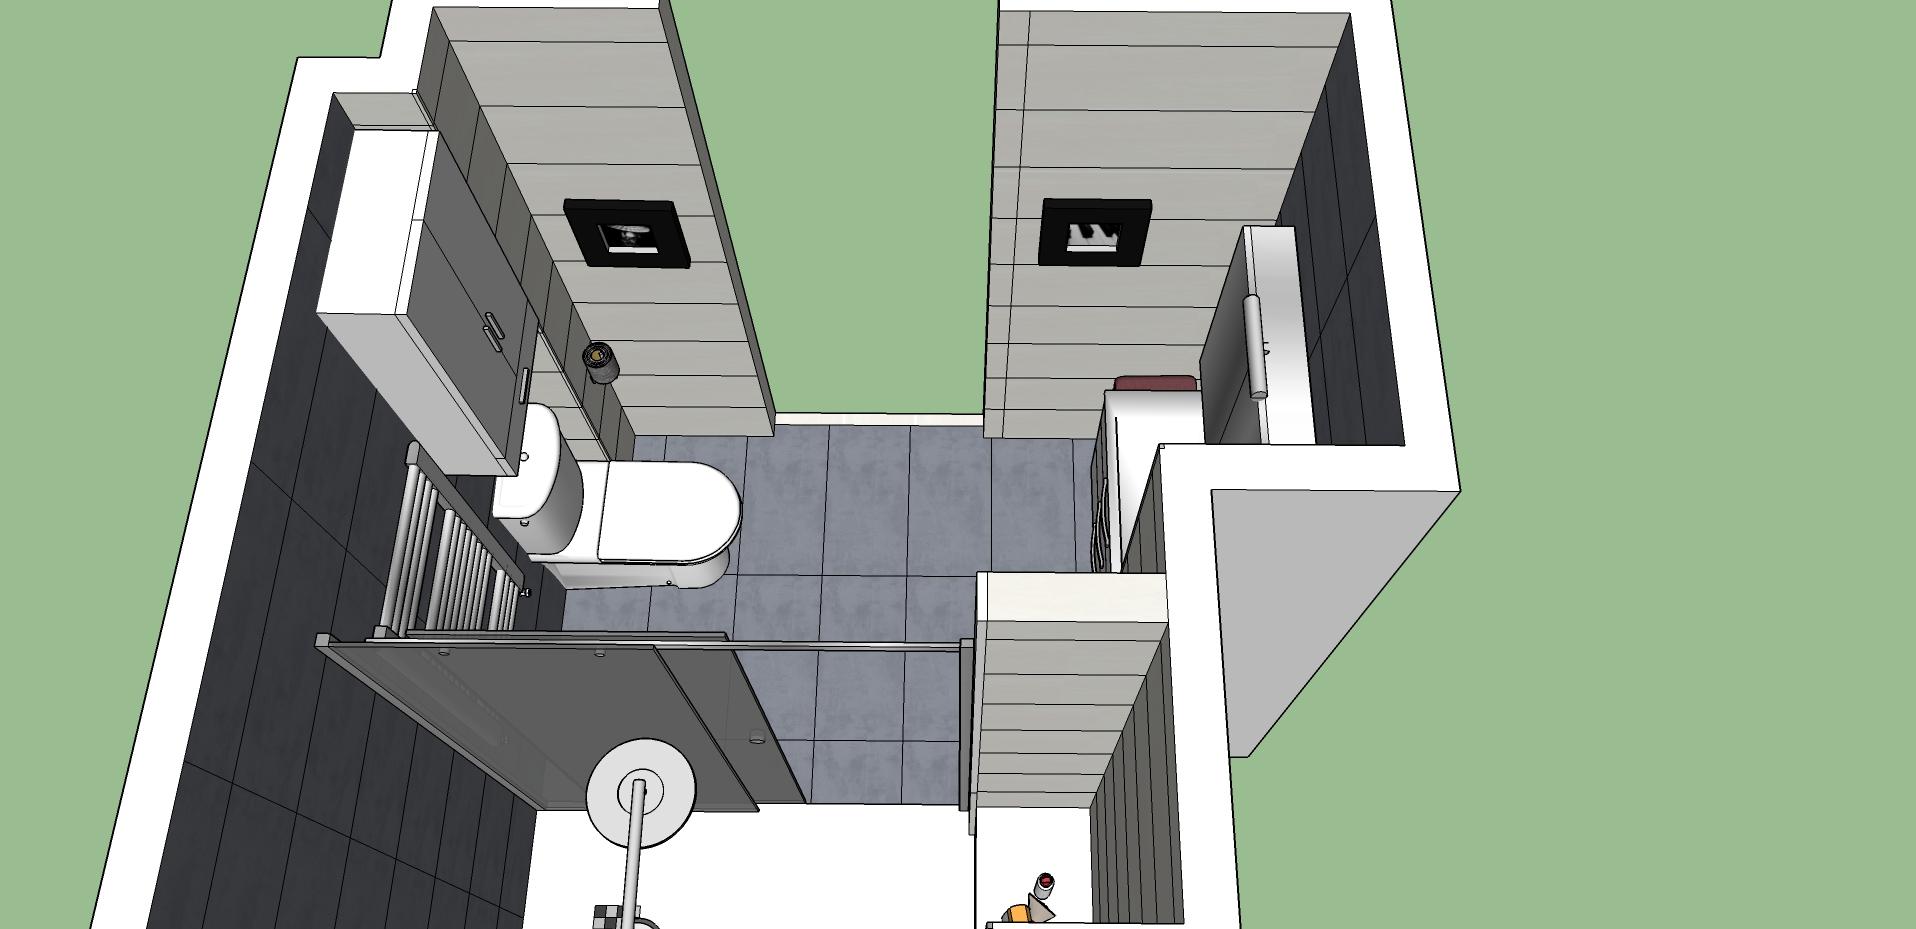 proyecto 3d-Baños-express-Baño-reforma-coruña-cambio bañera por plato de ducha-aseo-renovar-contratista-empresa-de-reformas-renueve su casa3